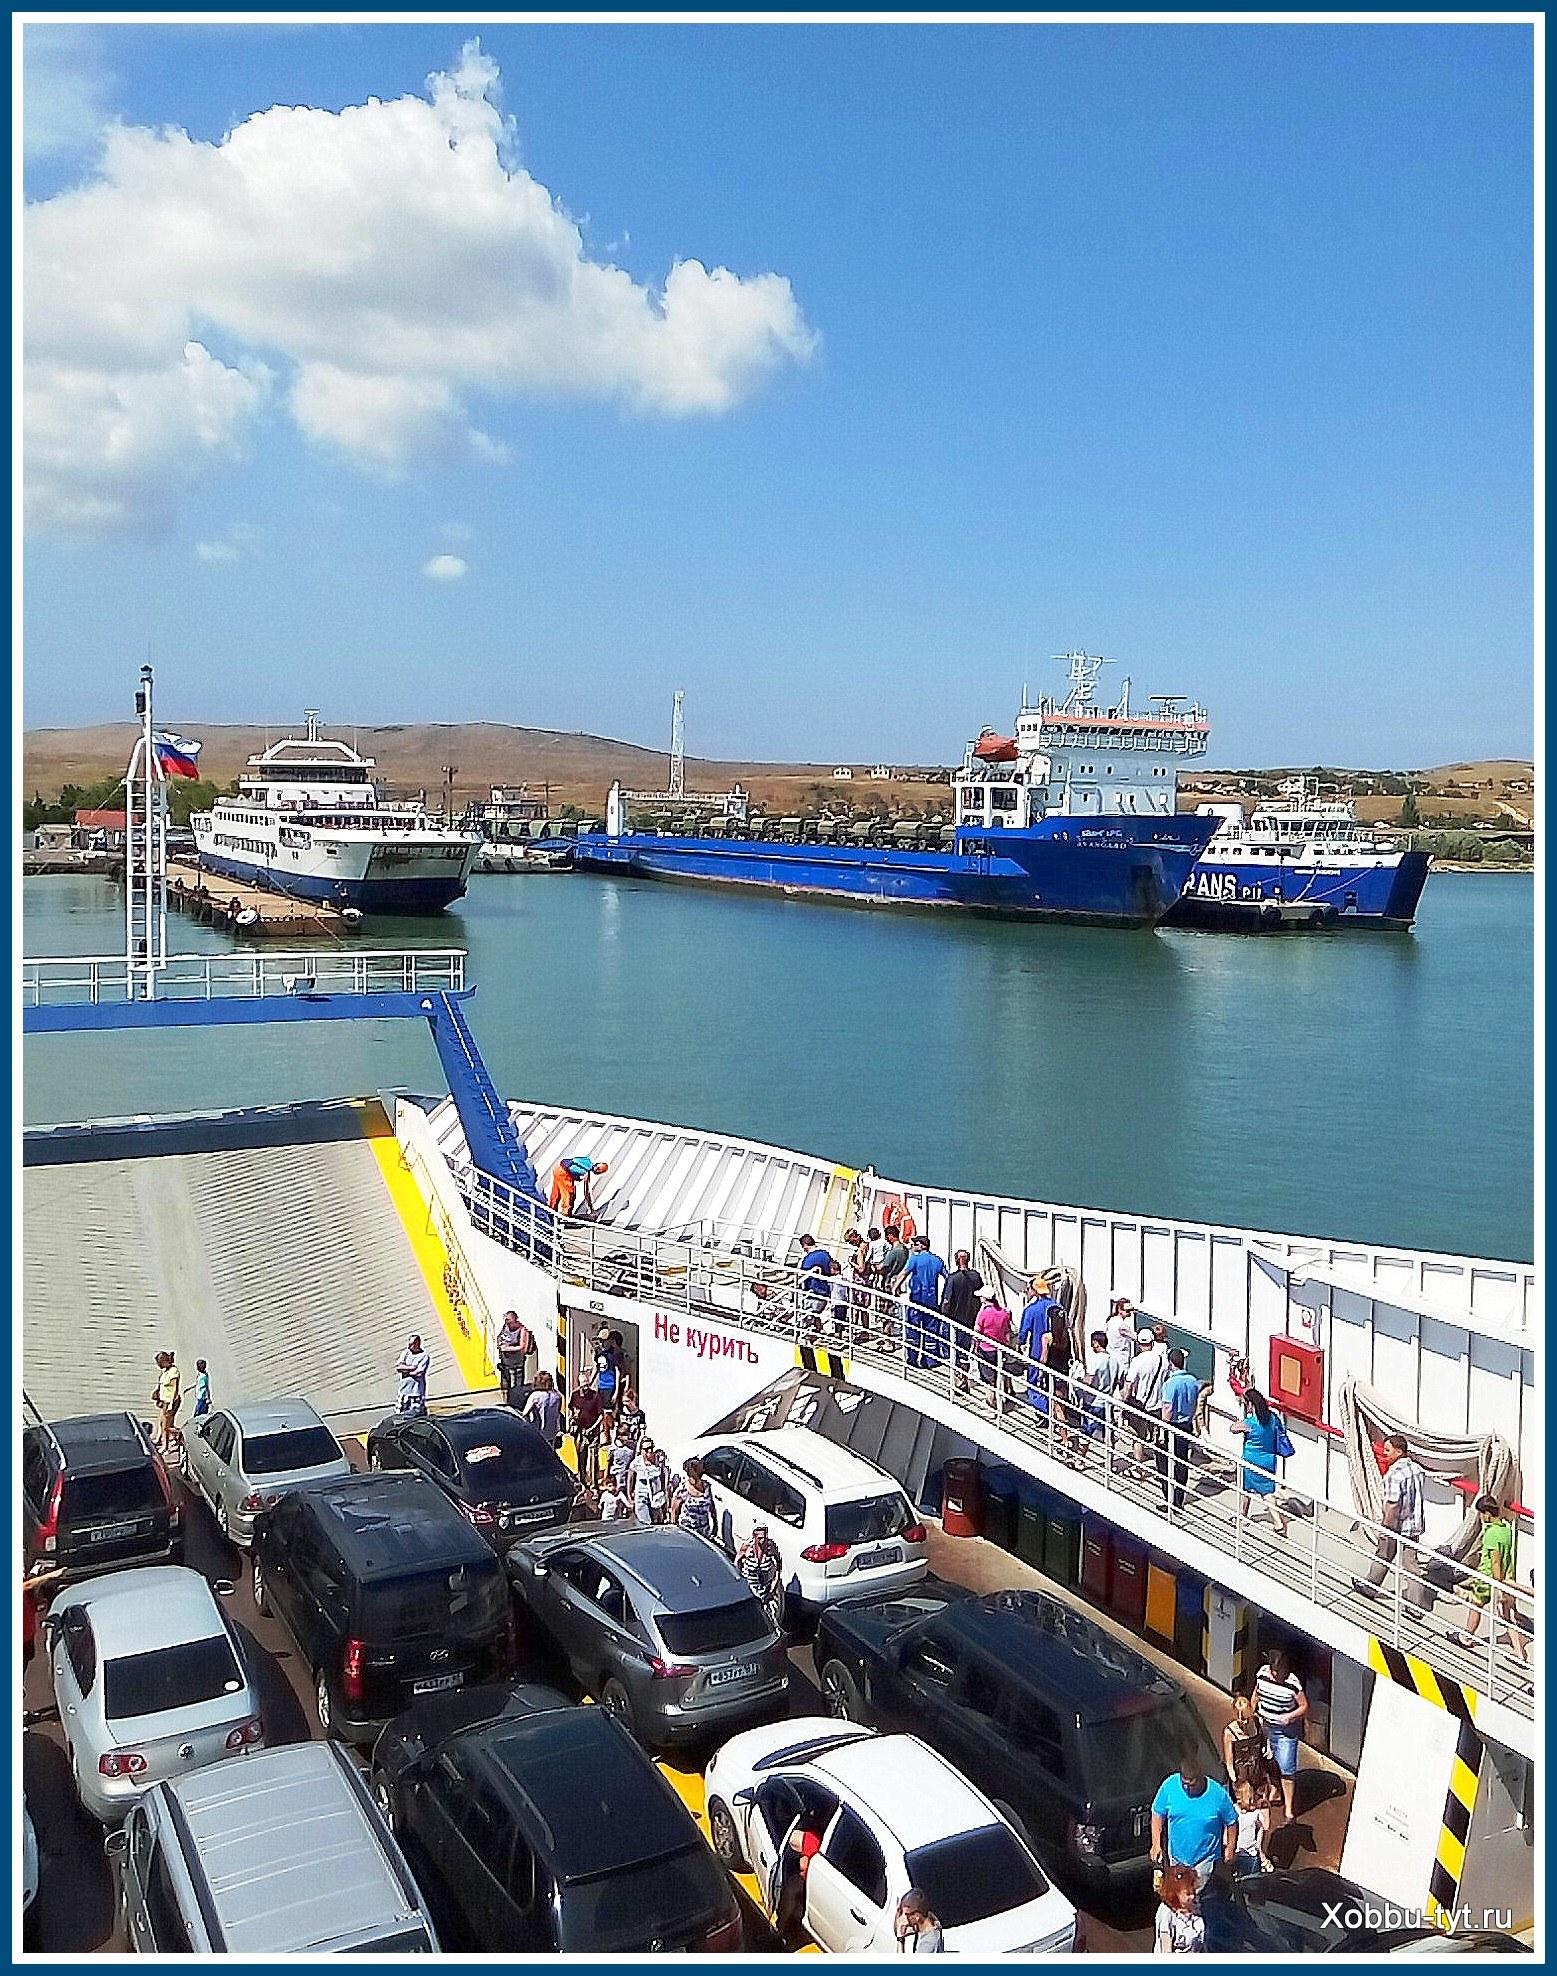 паромная переправа порт крым порт кавказ 9